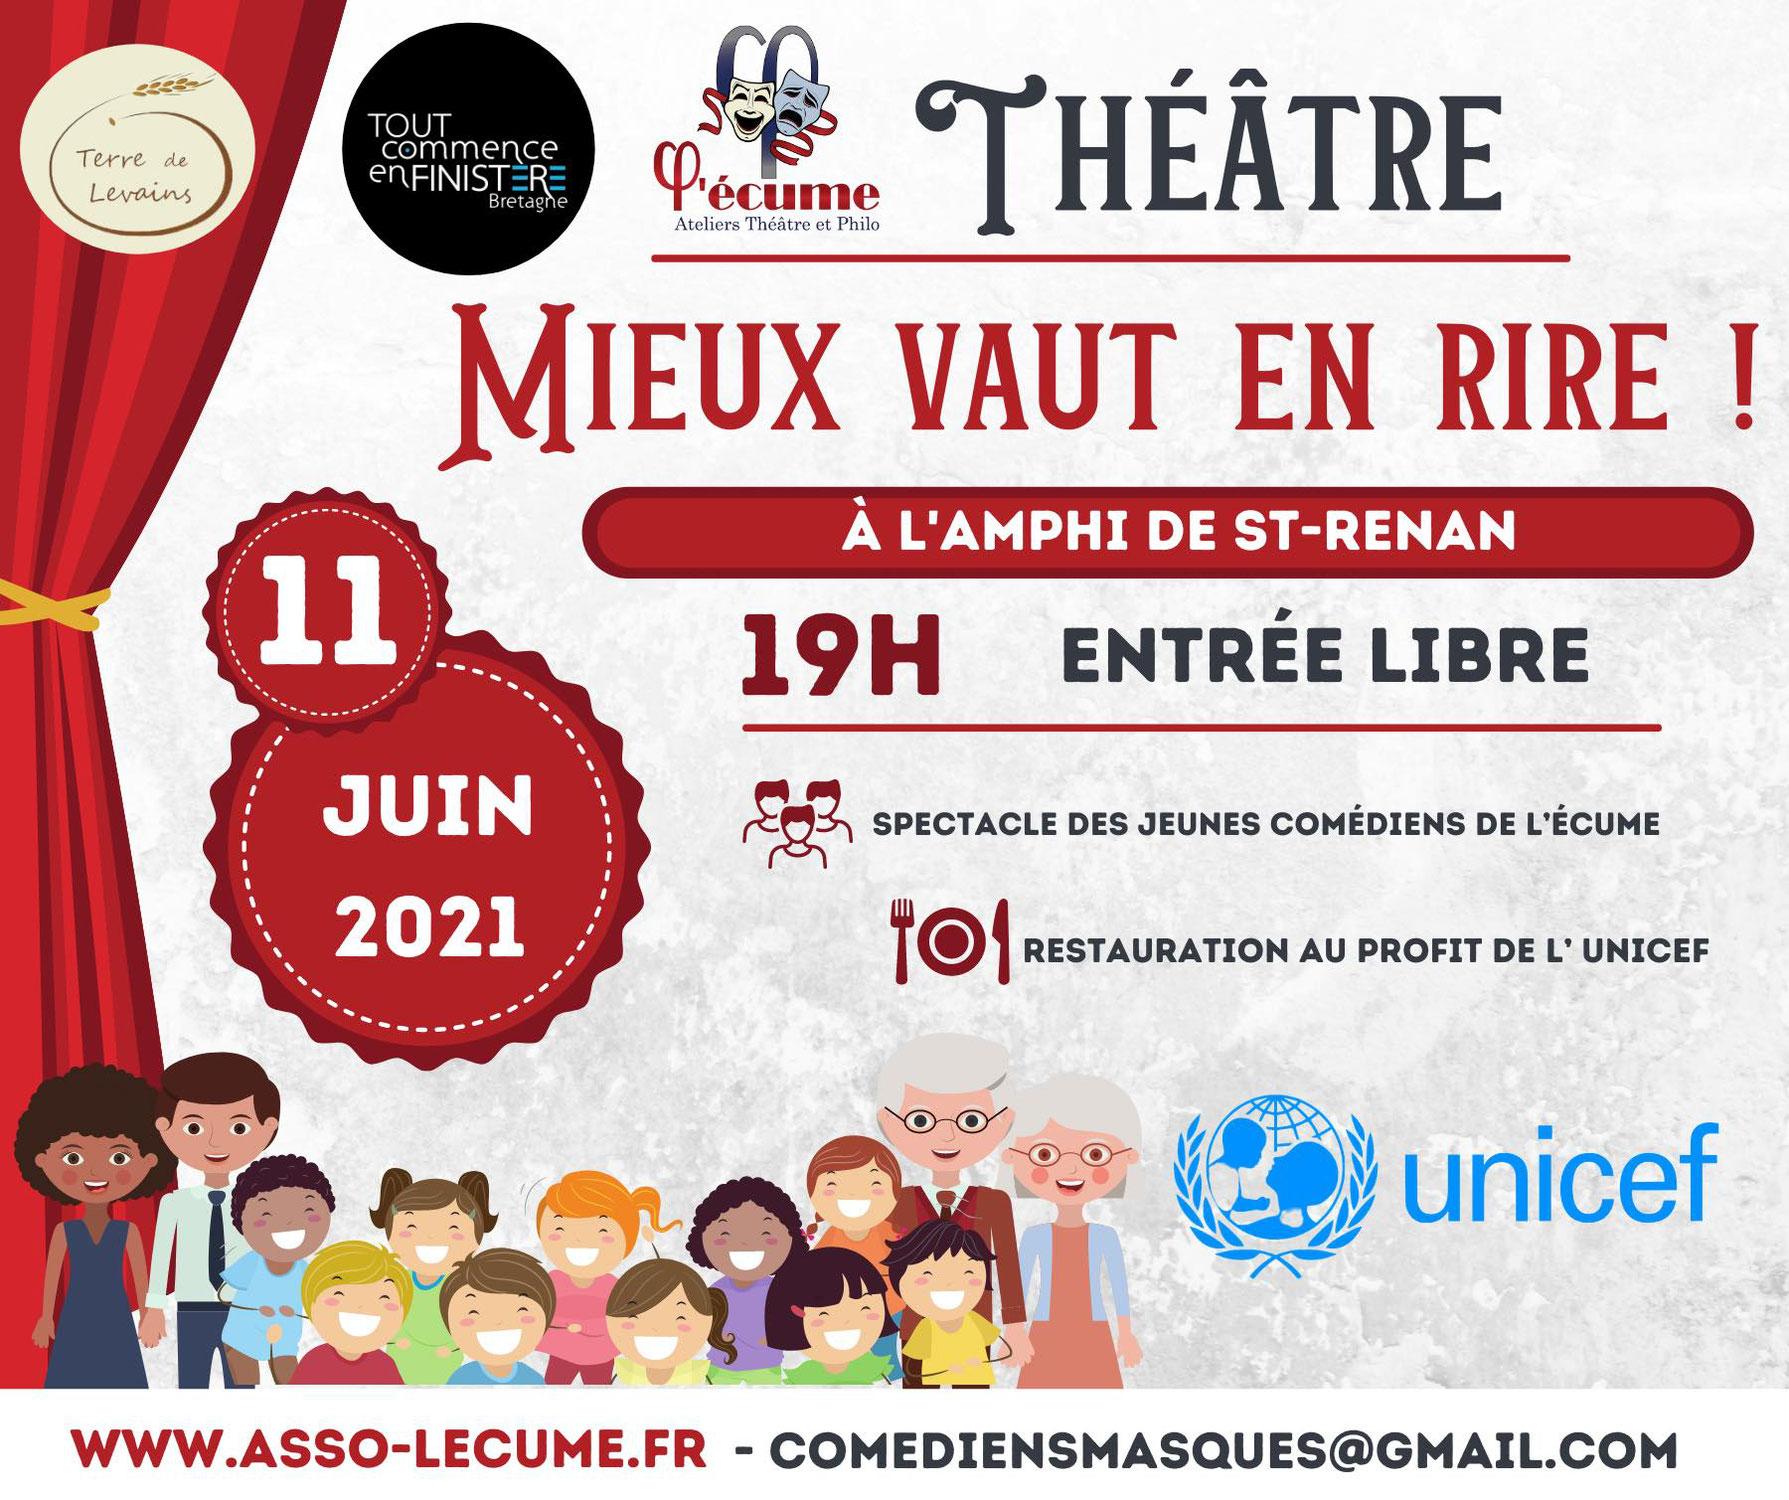 Spectacle de théâtre des jeunes comédiens de l'écume au profit de l'UNICEF